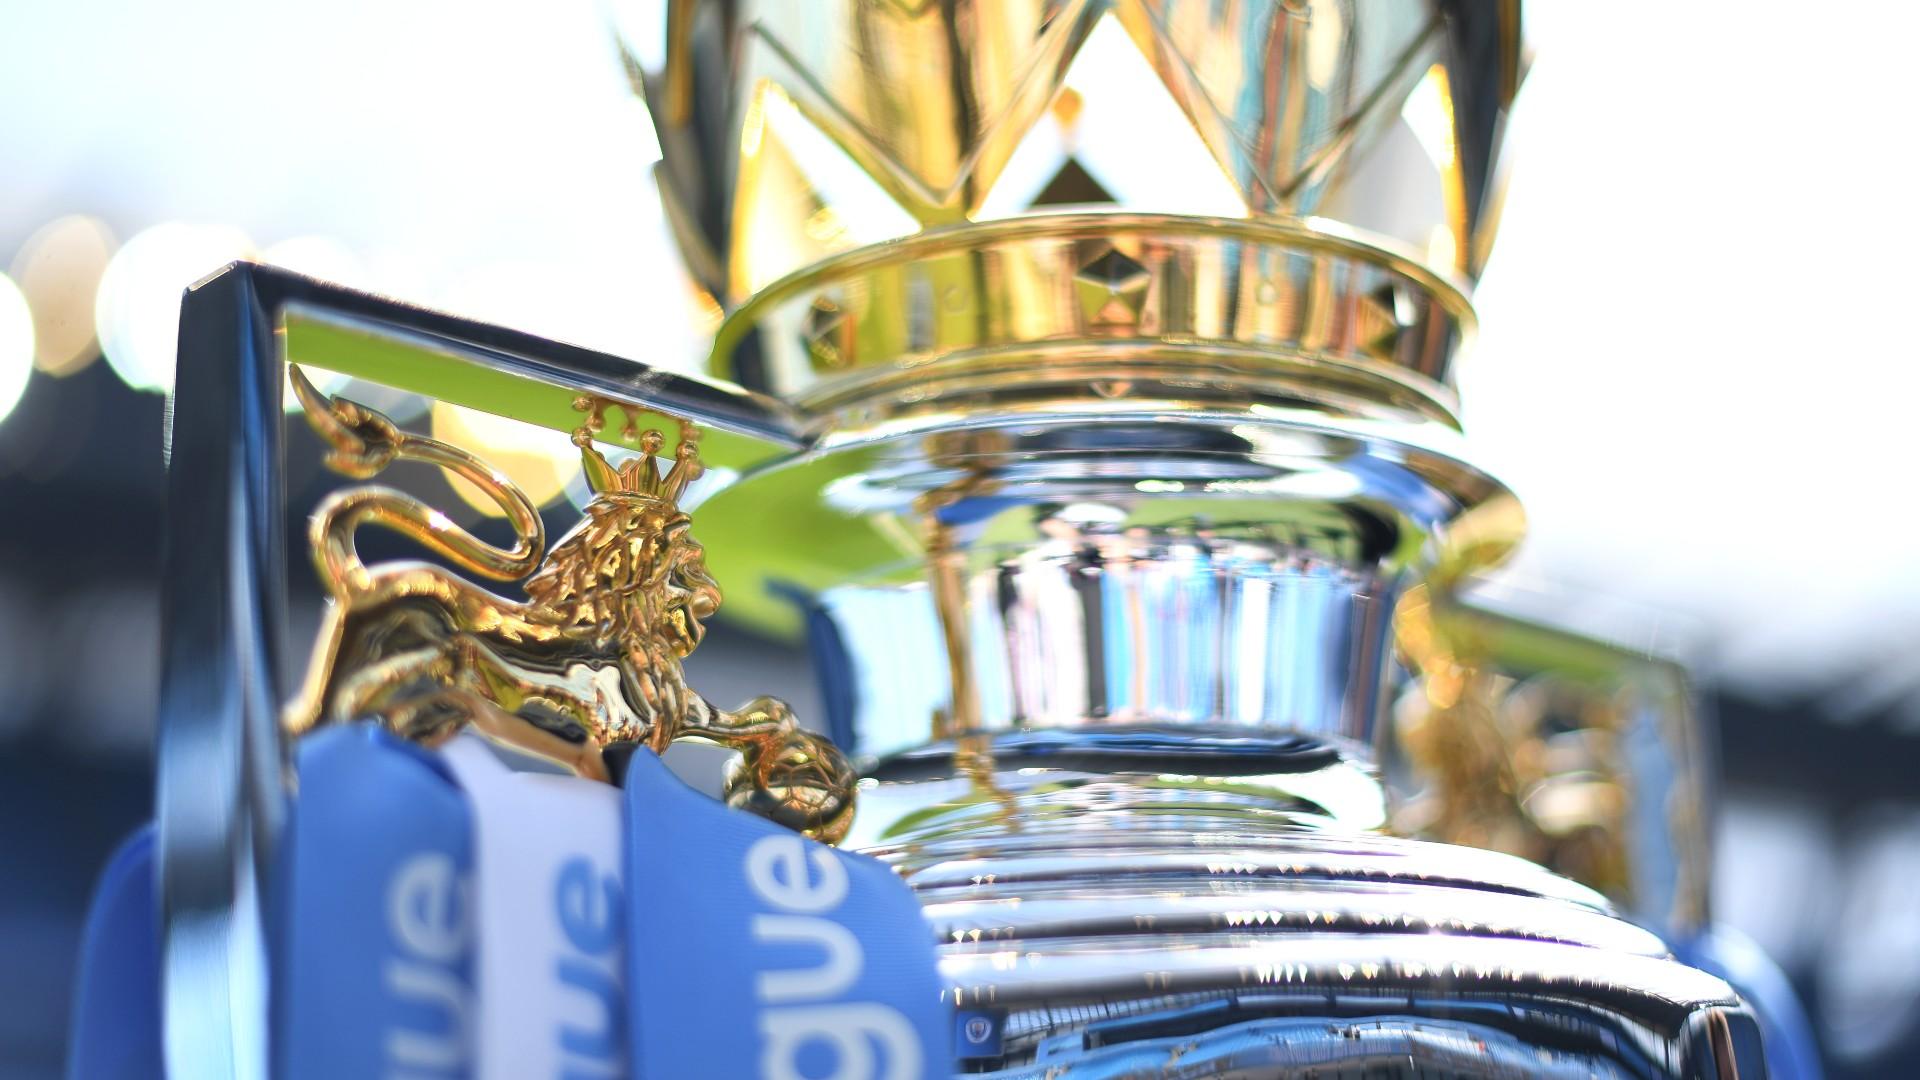 english premier league trophy 147fkyso5yg9k1vlf4r017hlhq